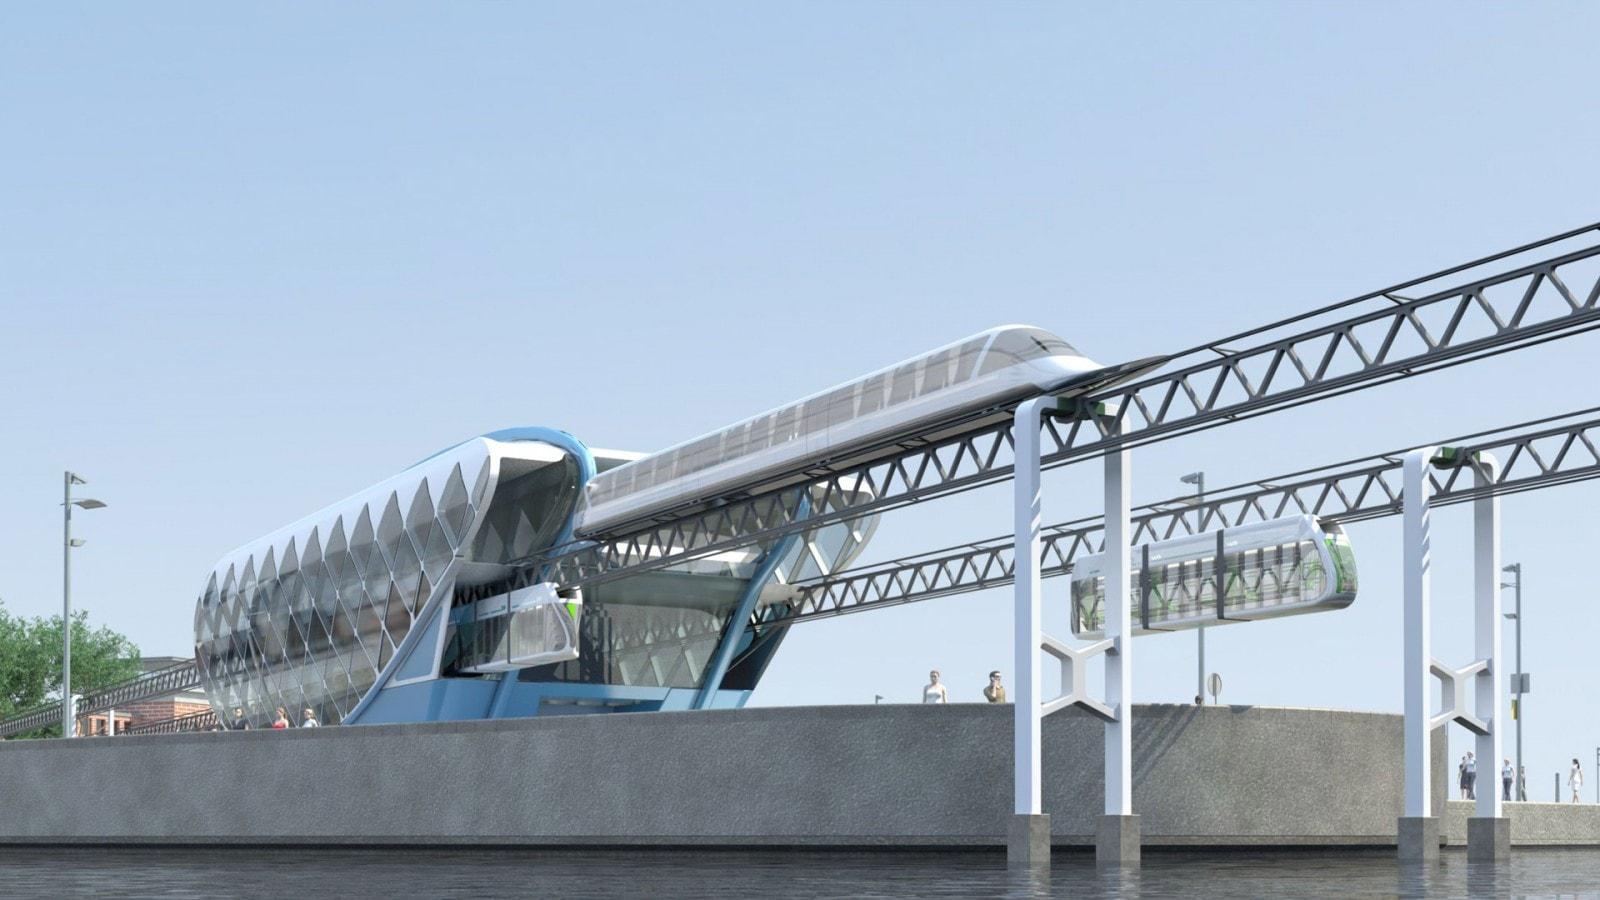 Визуализация возможного варианта применения транспортных систем SkyWay на территории Австралии